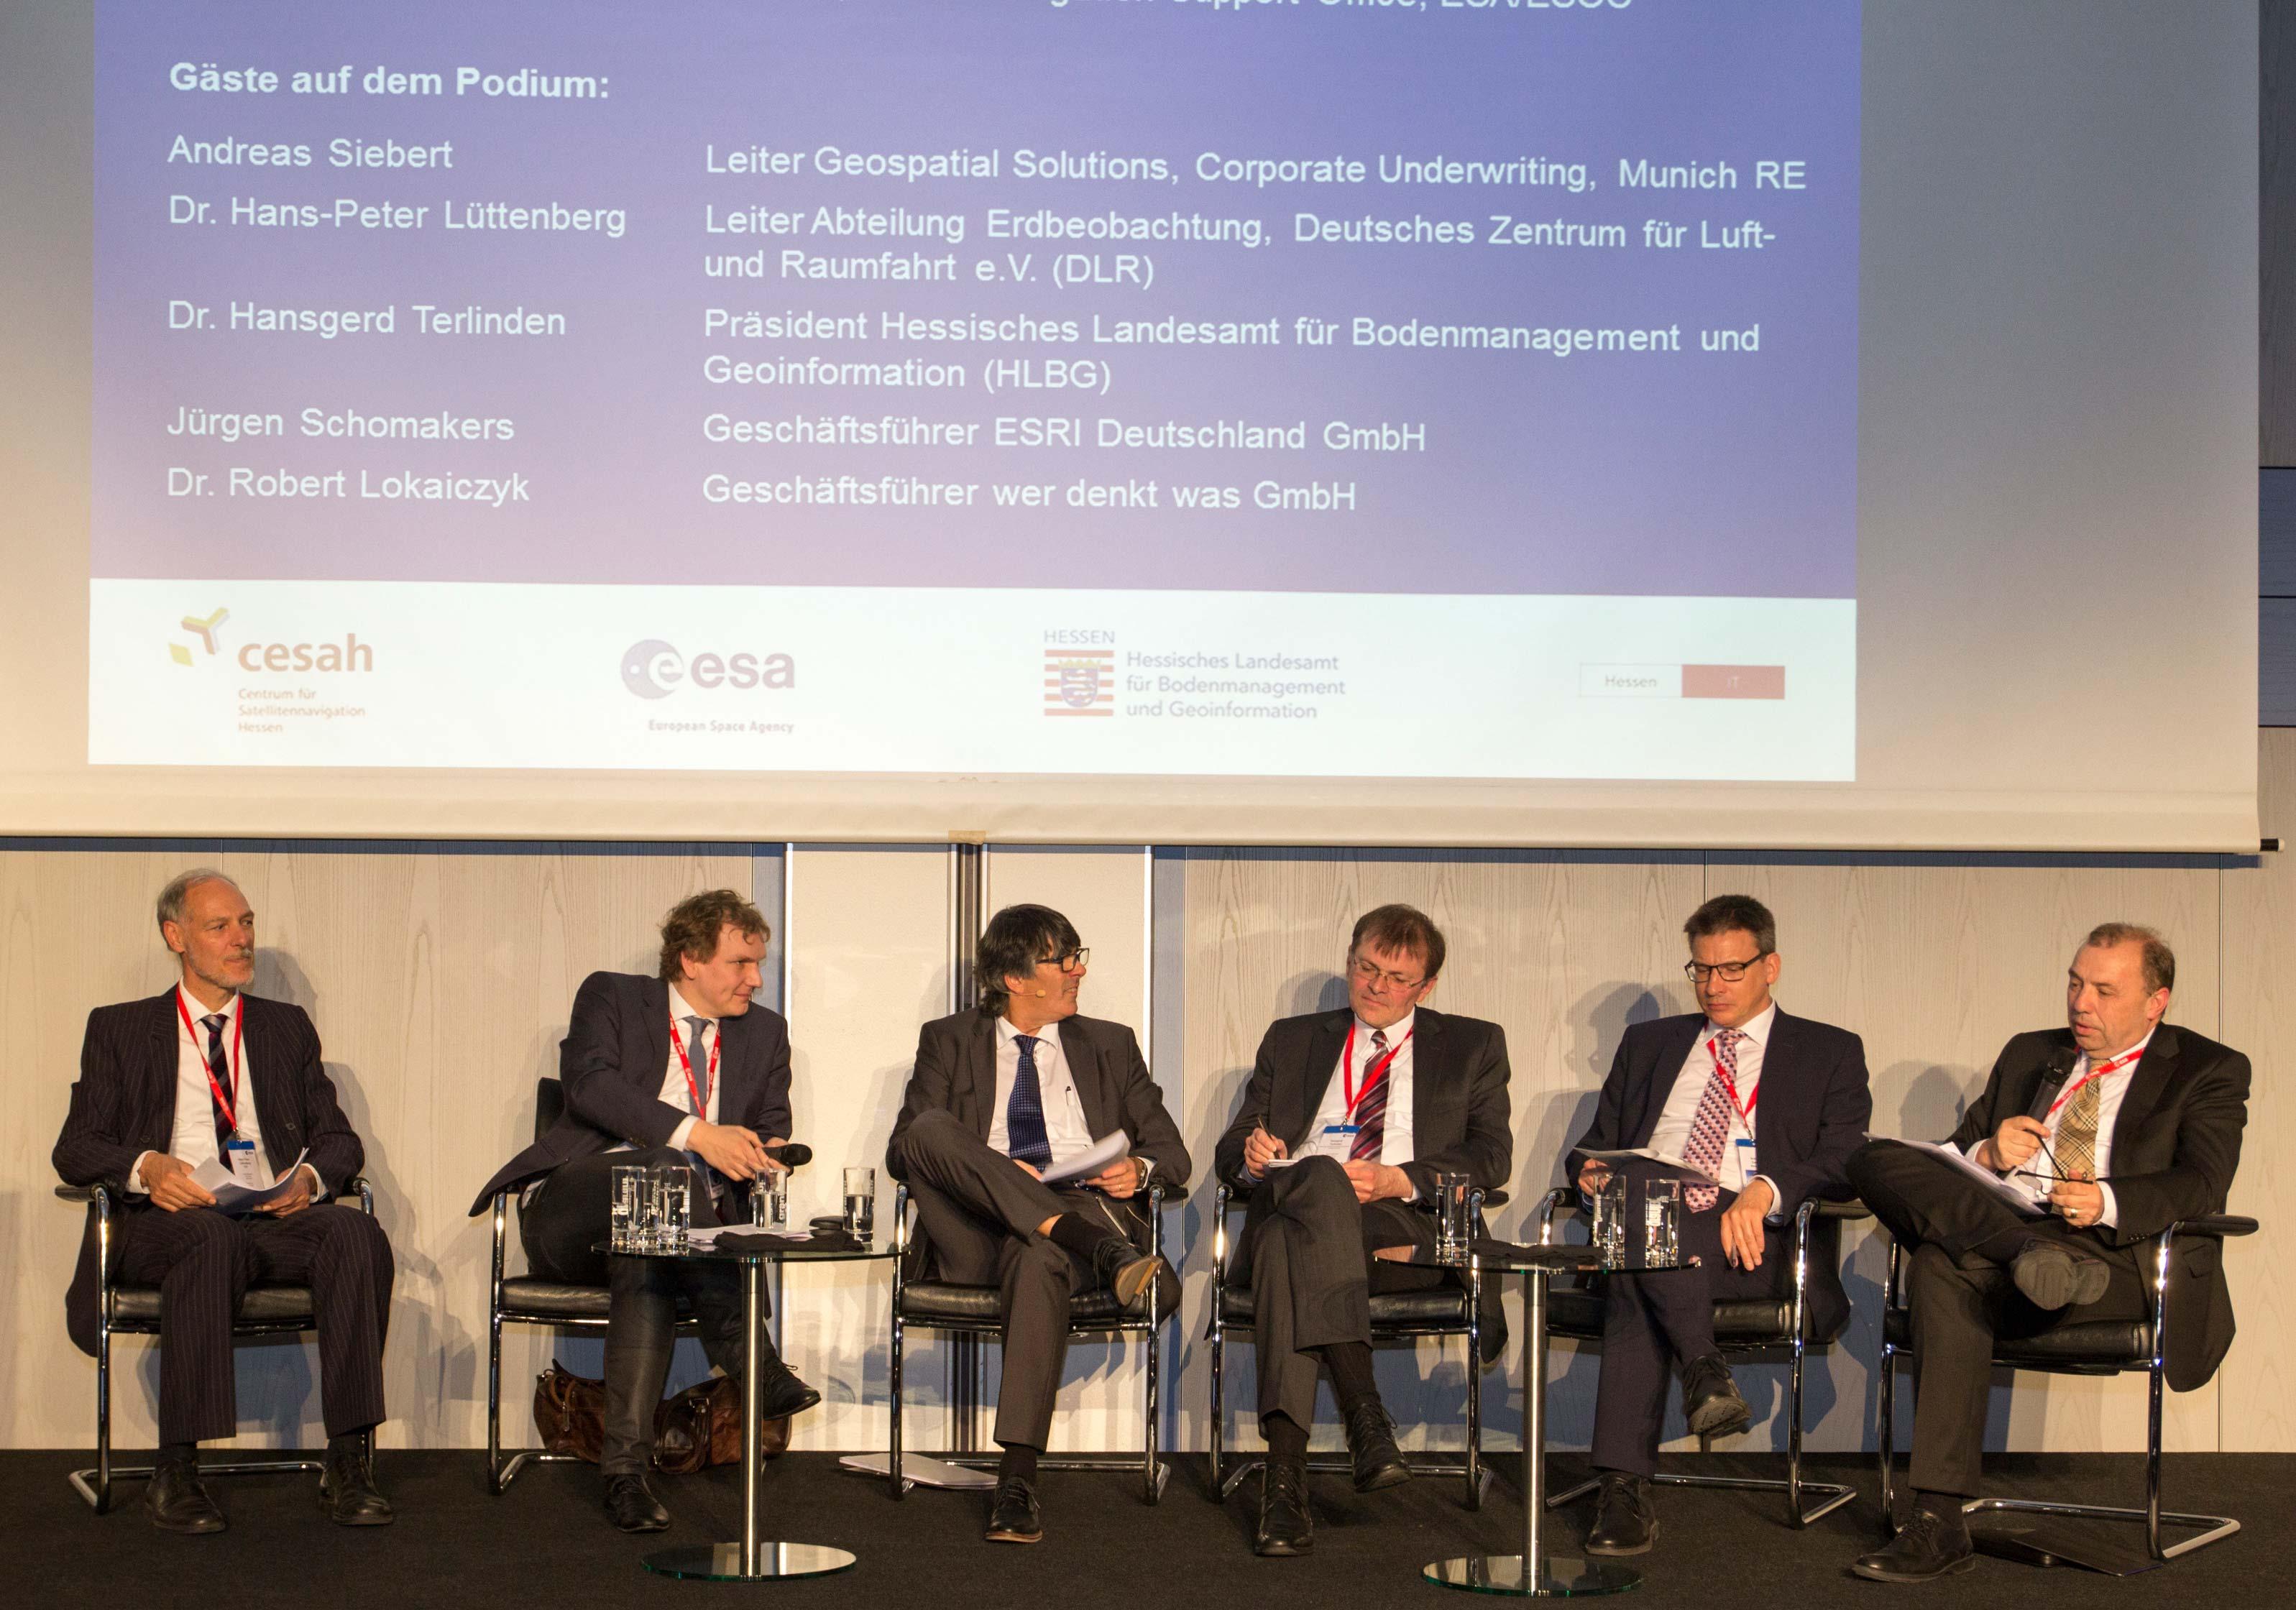 Teilnehmer der Podiumsdiskussion bei der Fachkonferenz